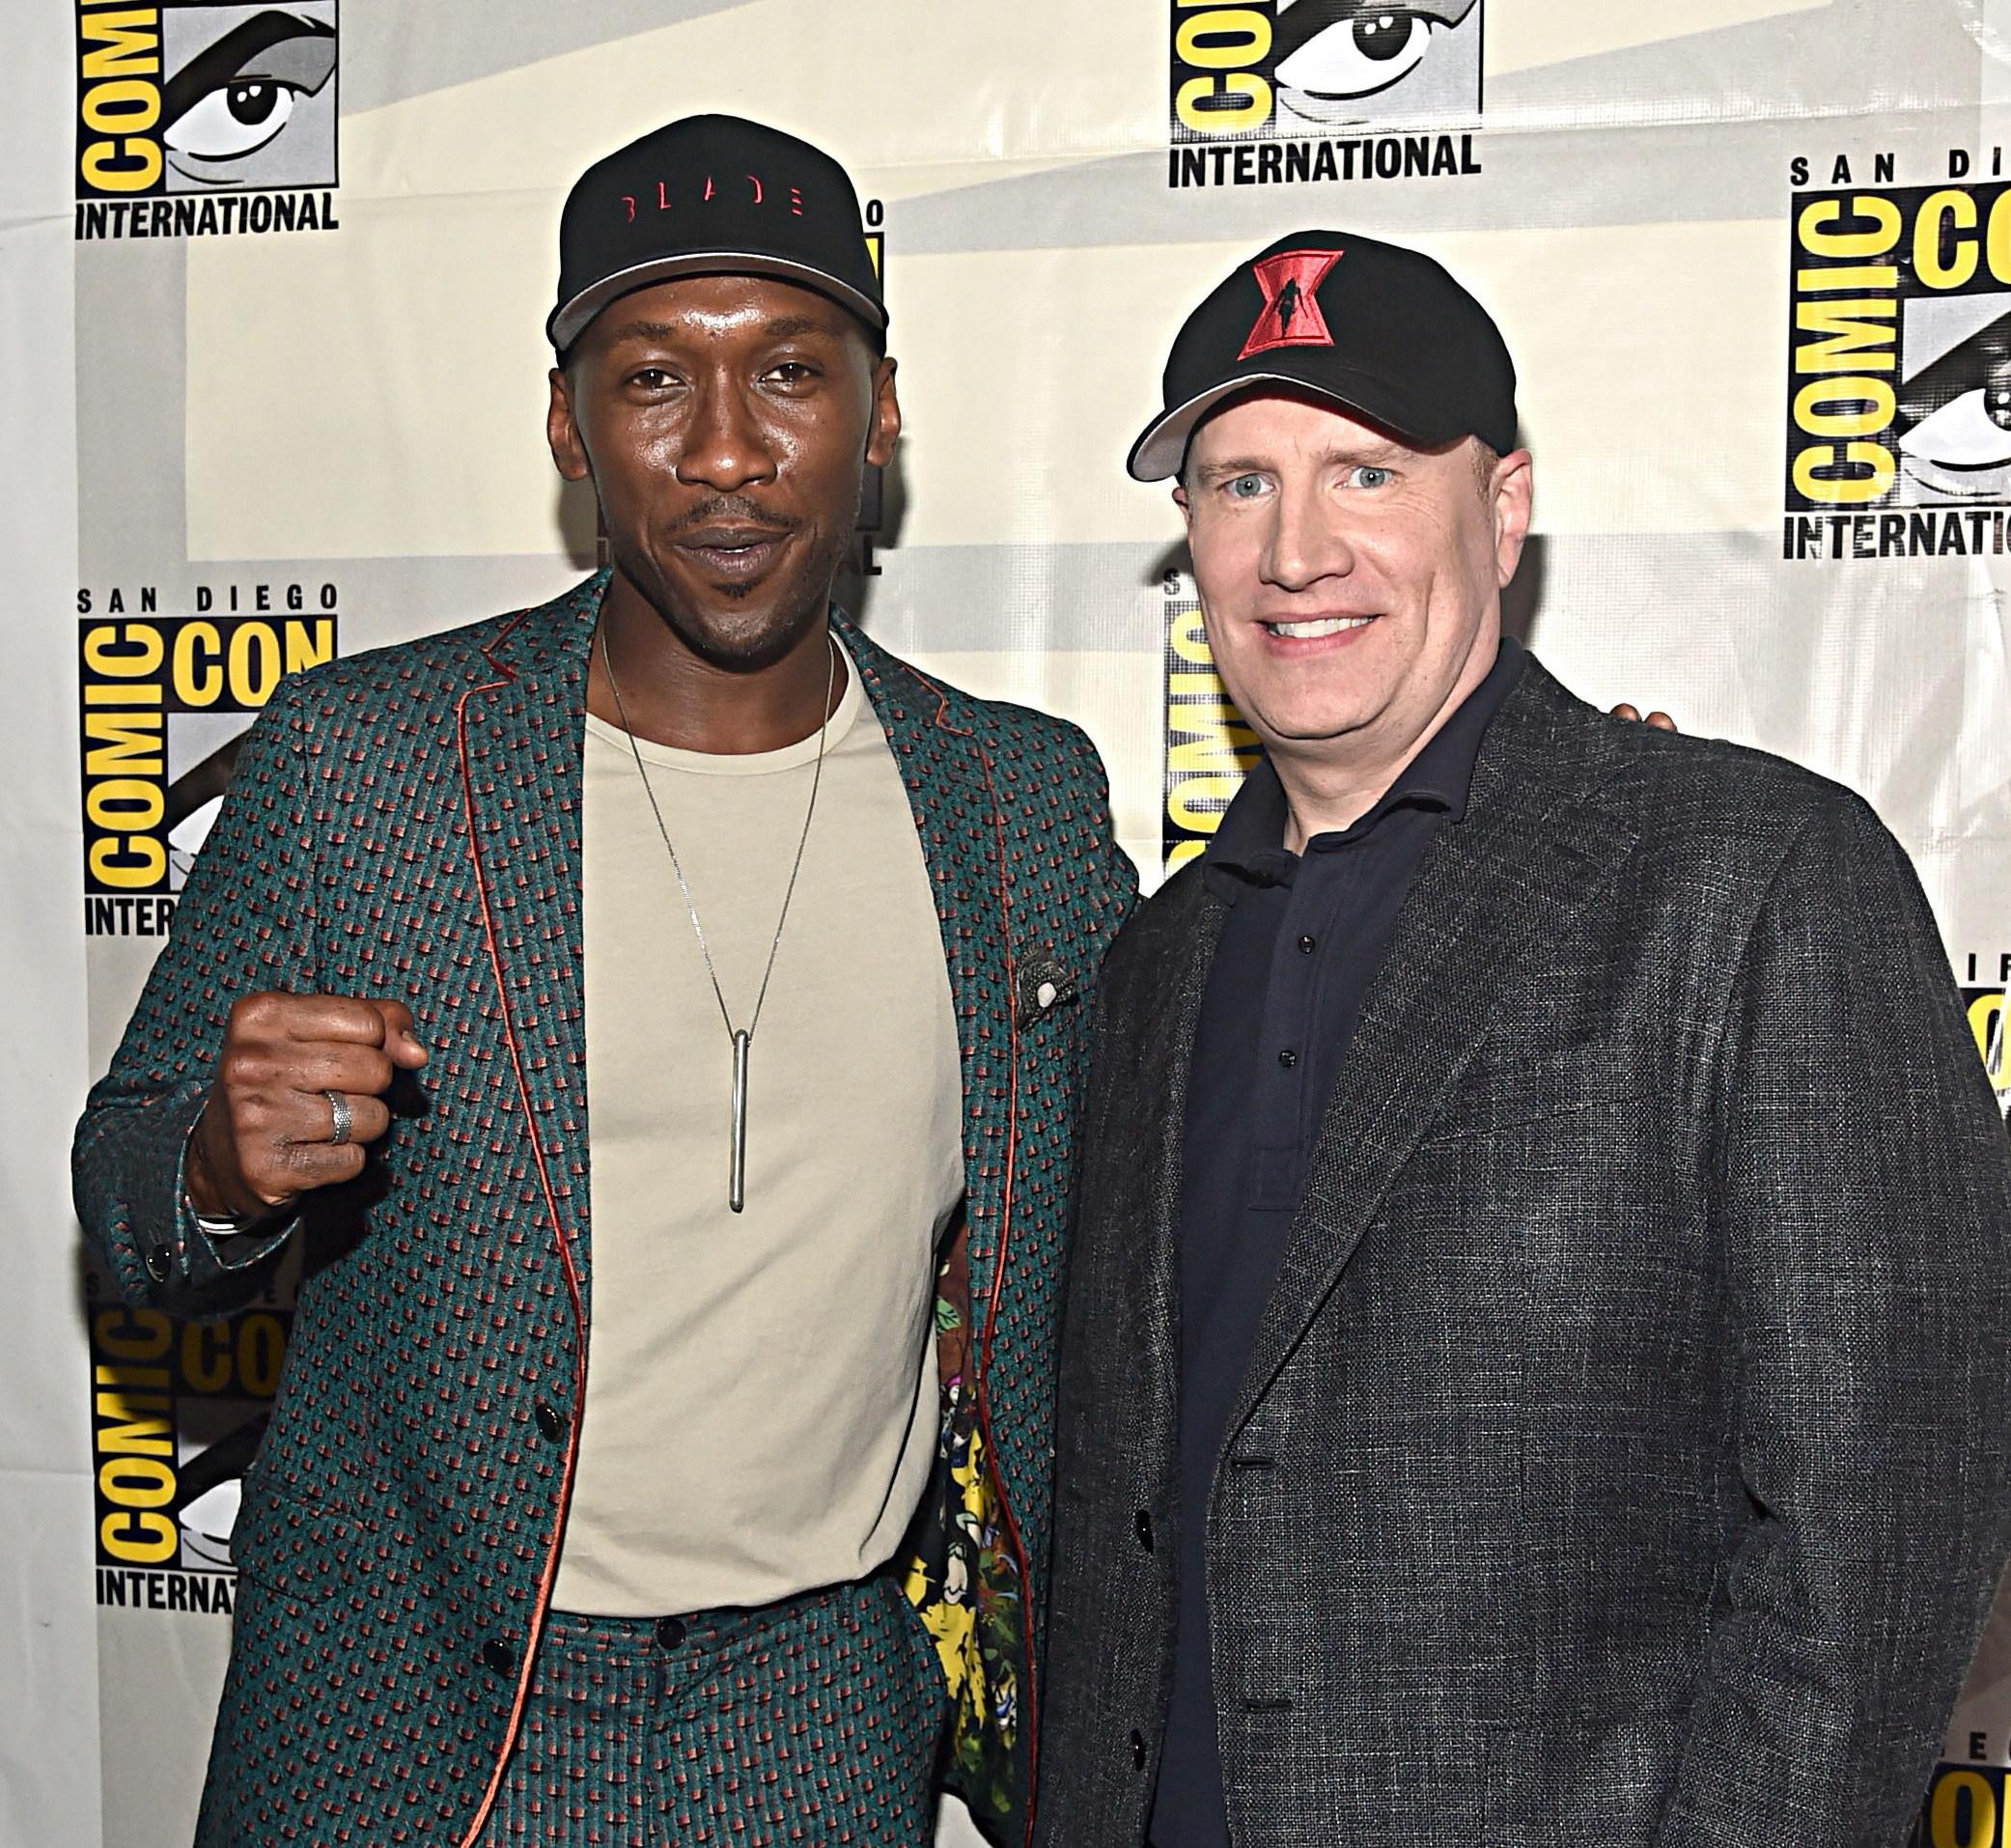 Marvel reservou datas para novos filmes até 2023